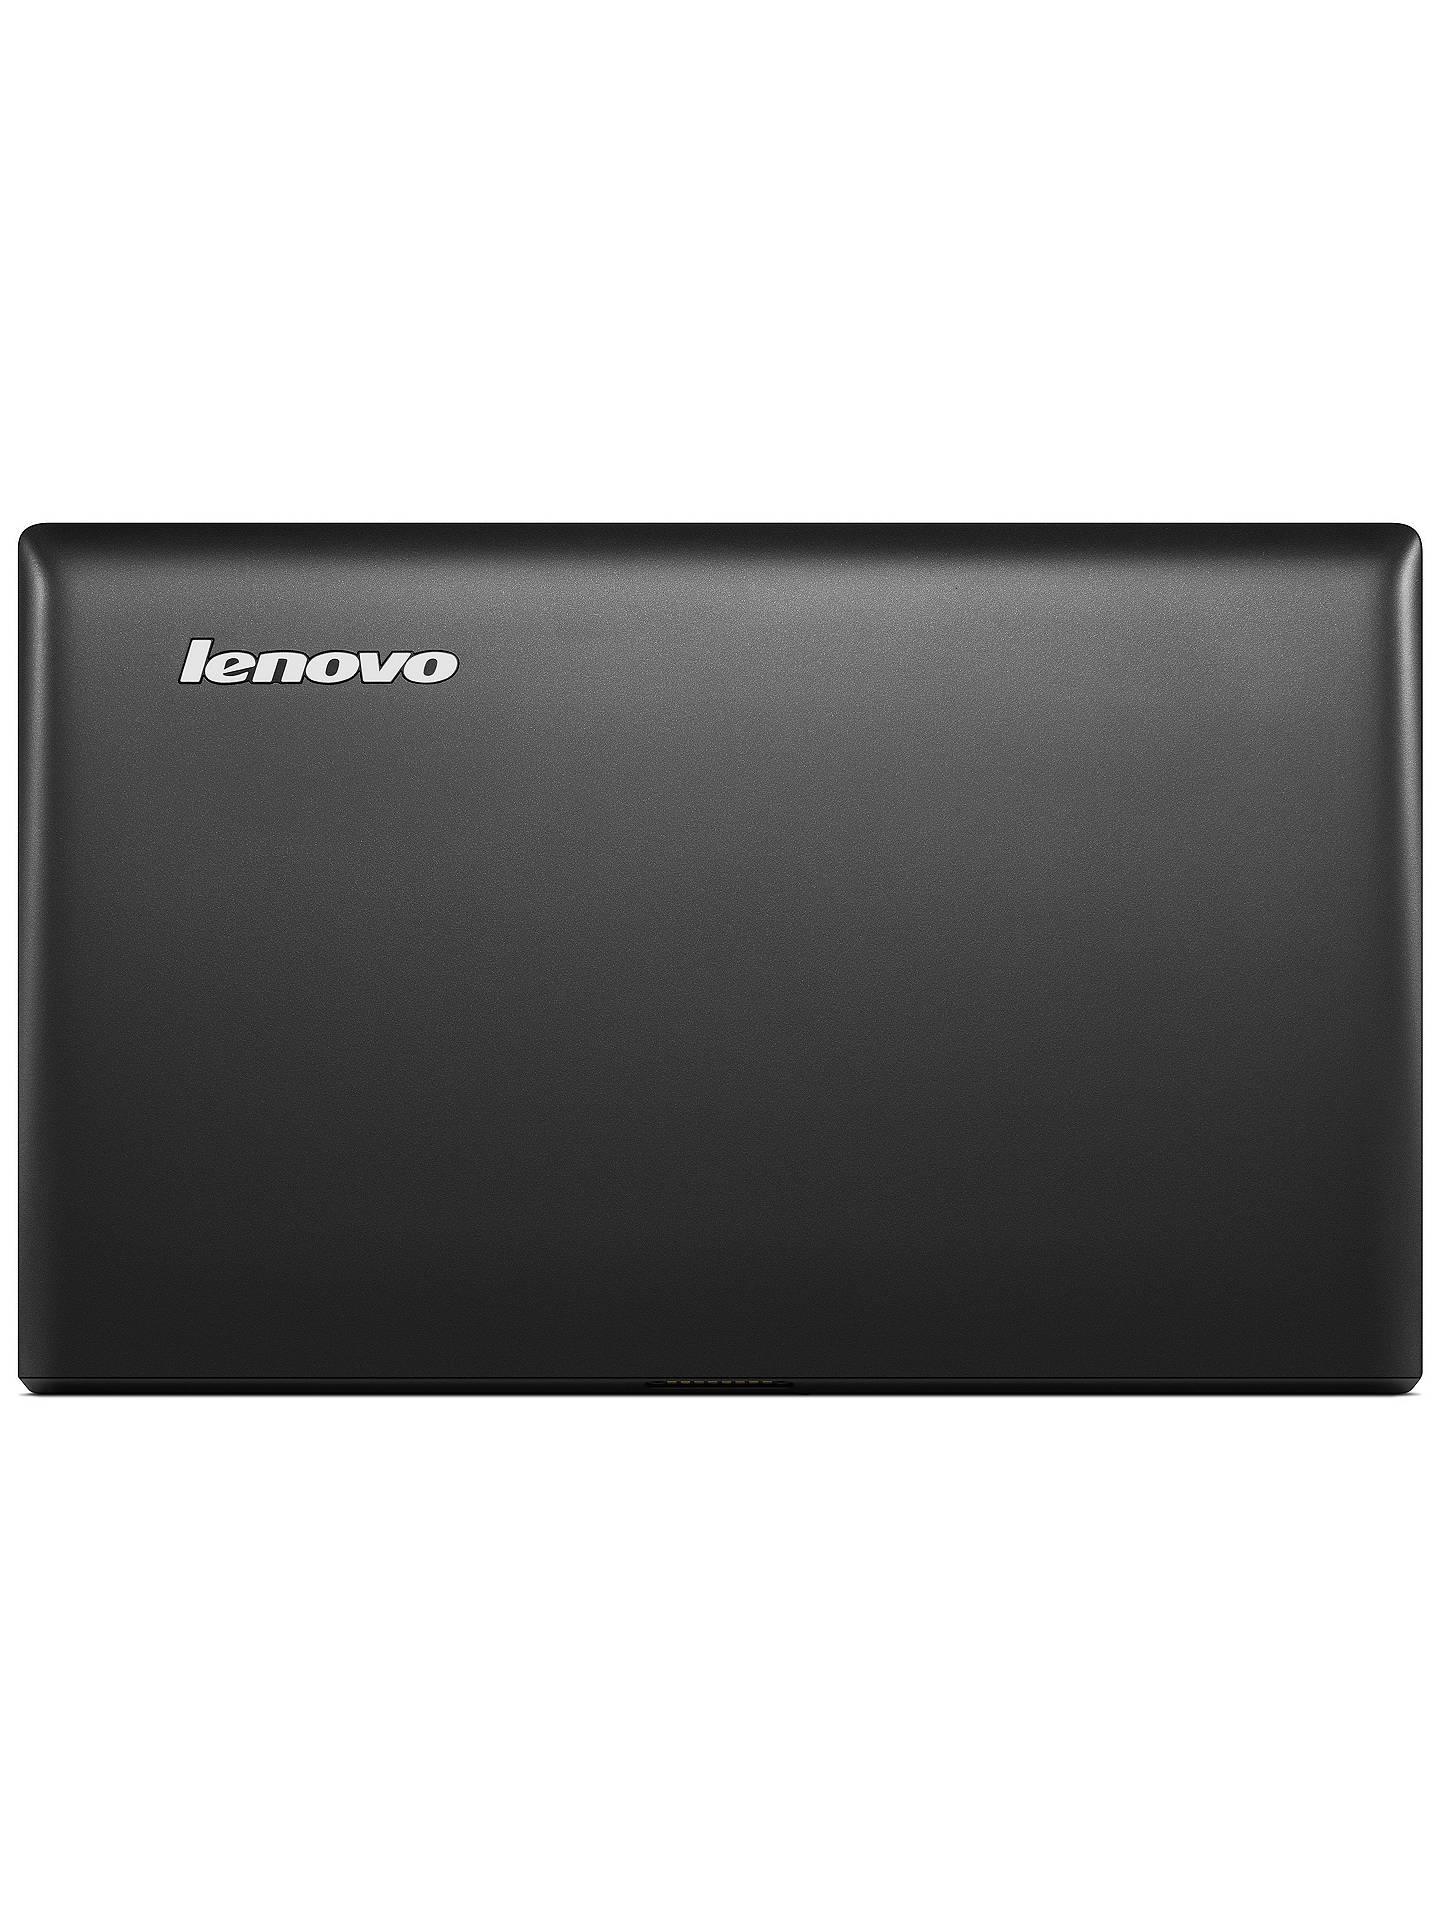 Lenovo Miix 3 10 Tablet & Keyboard Dock, Intel Atom, Windows